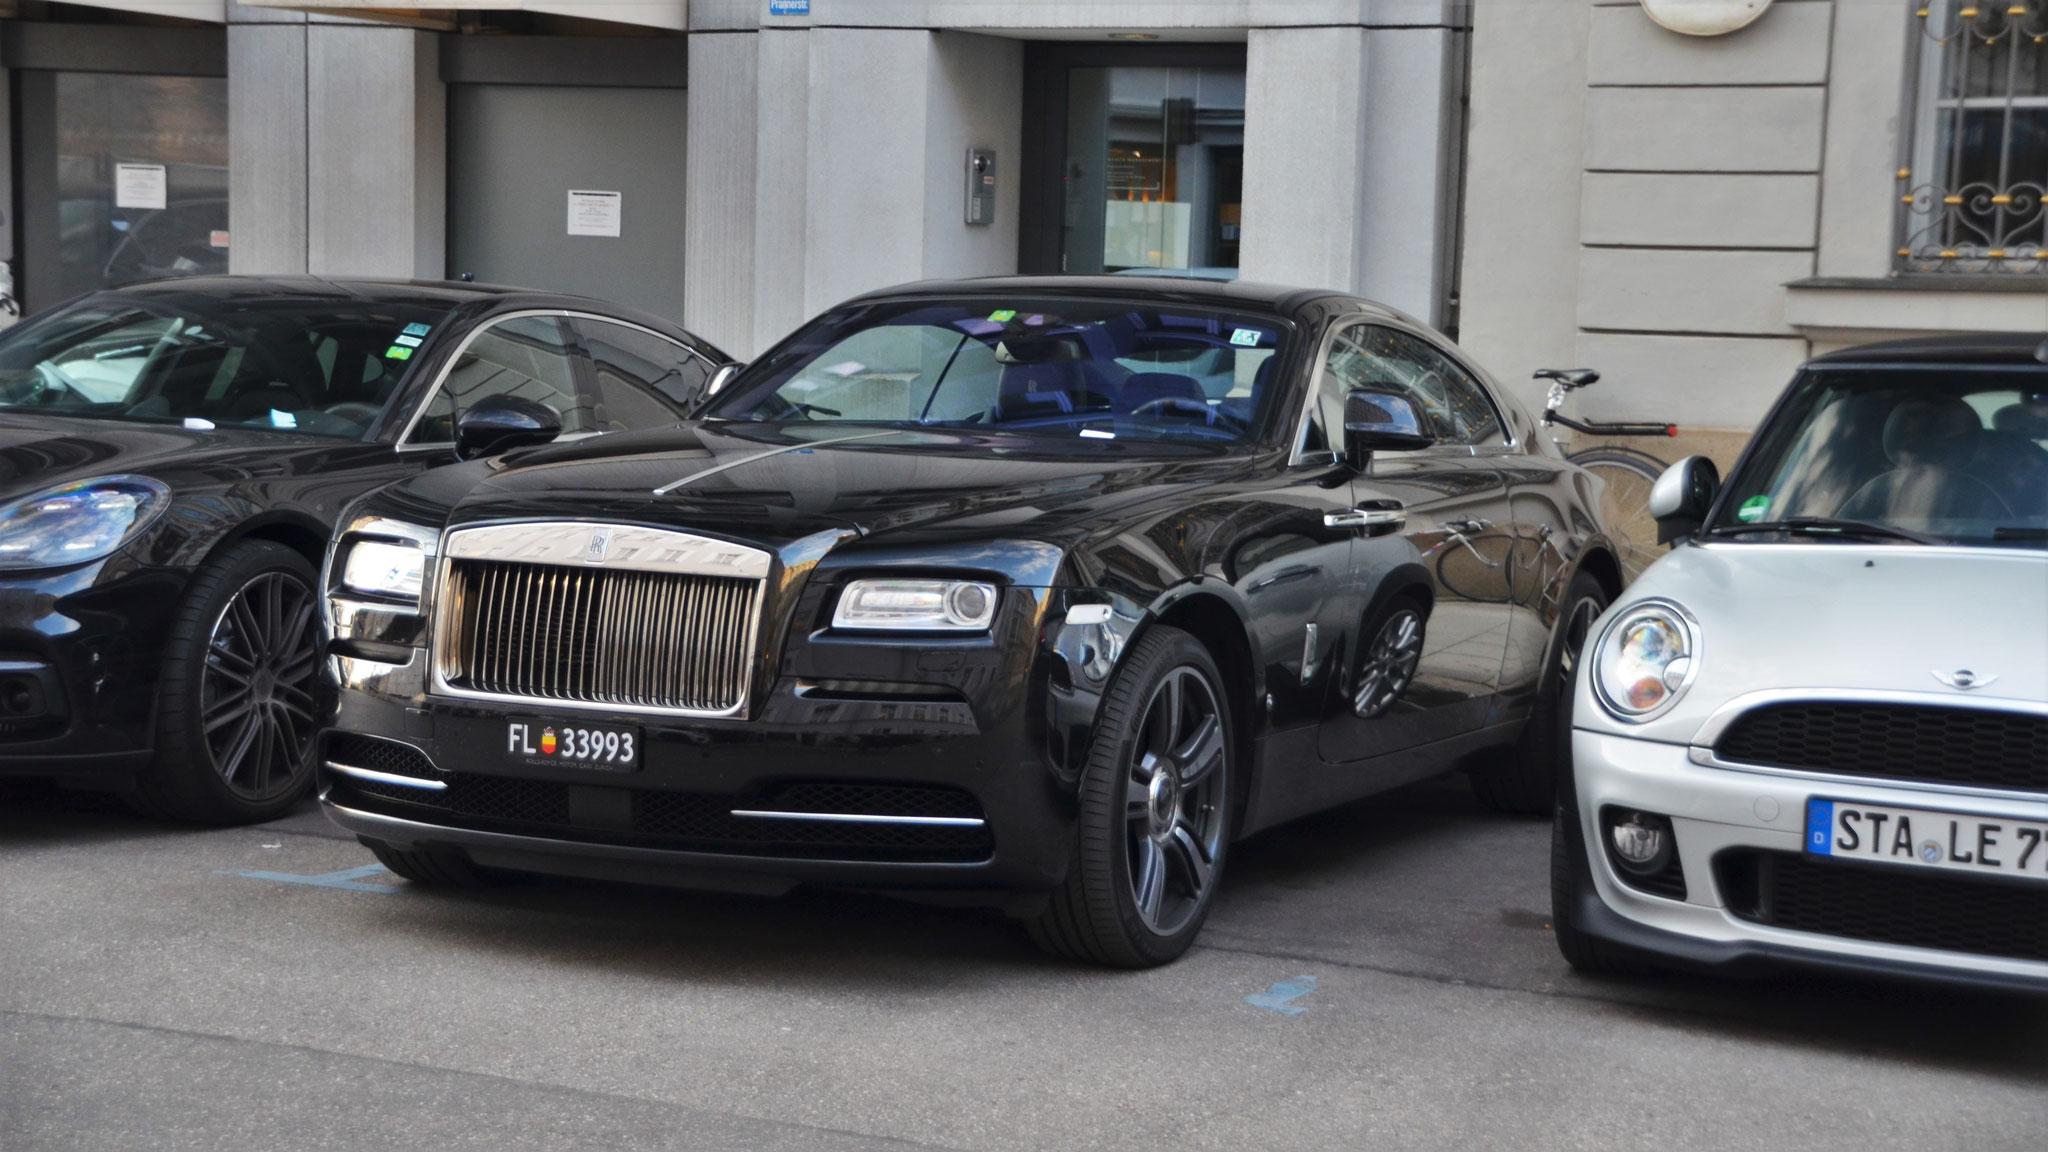 Rolls Royce Wraith - FL-33993 (LIC)